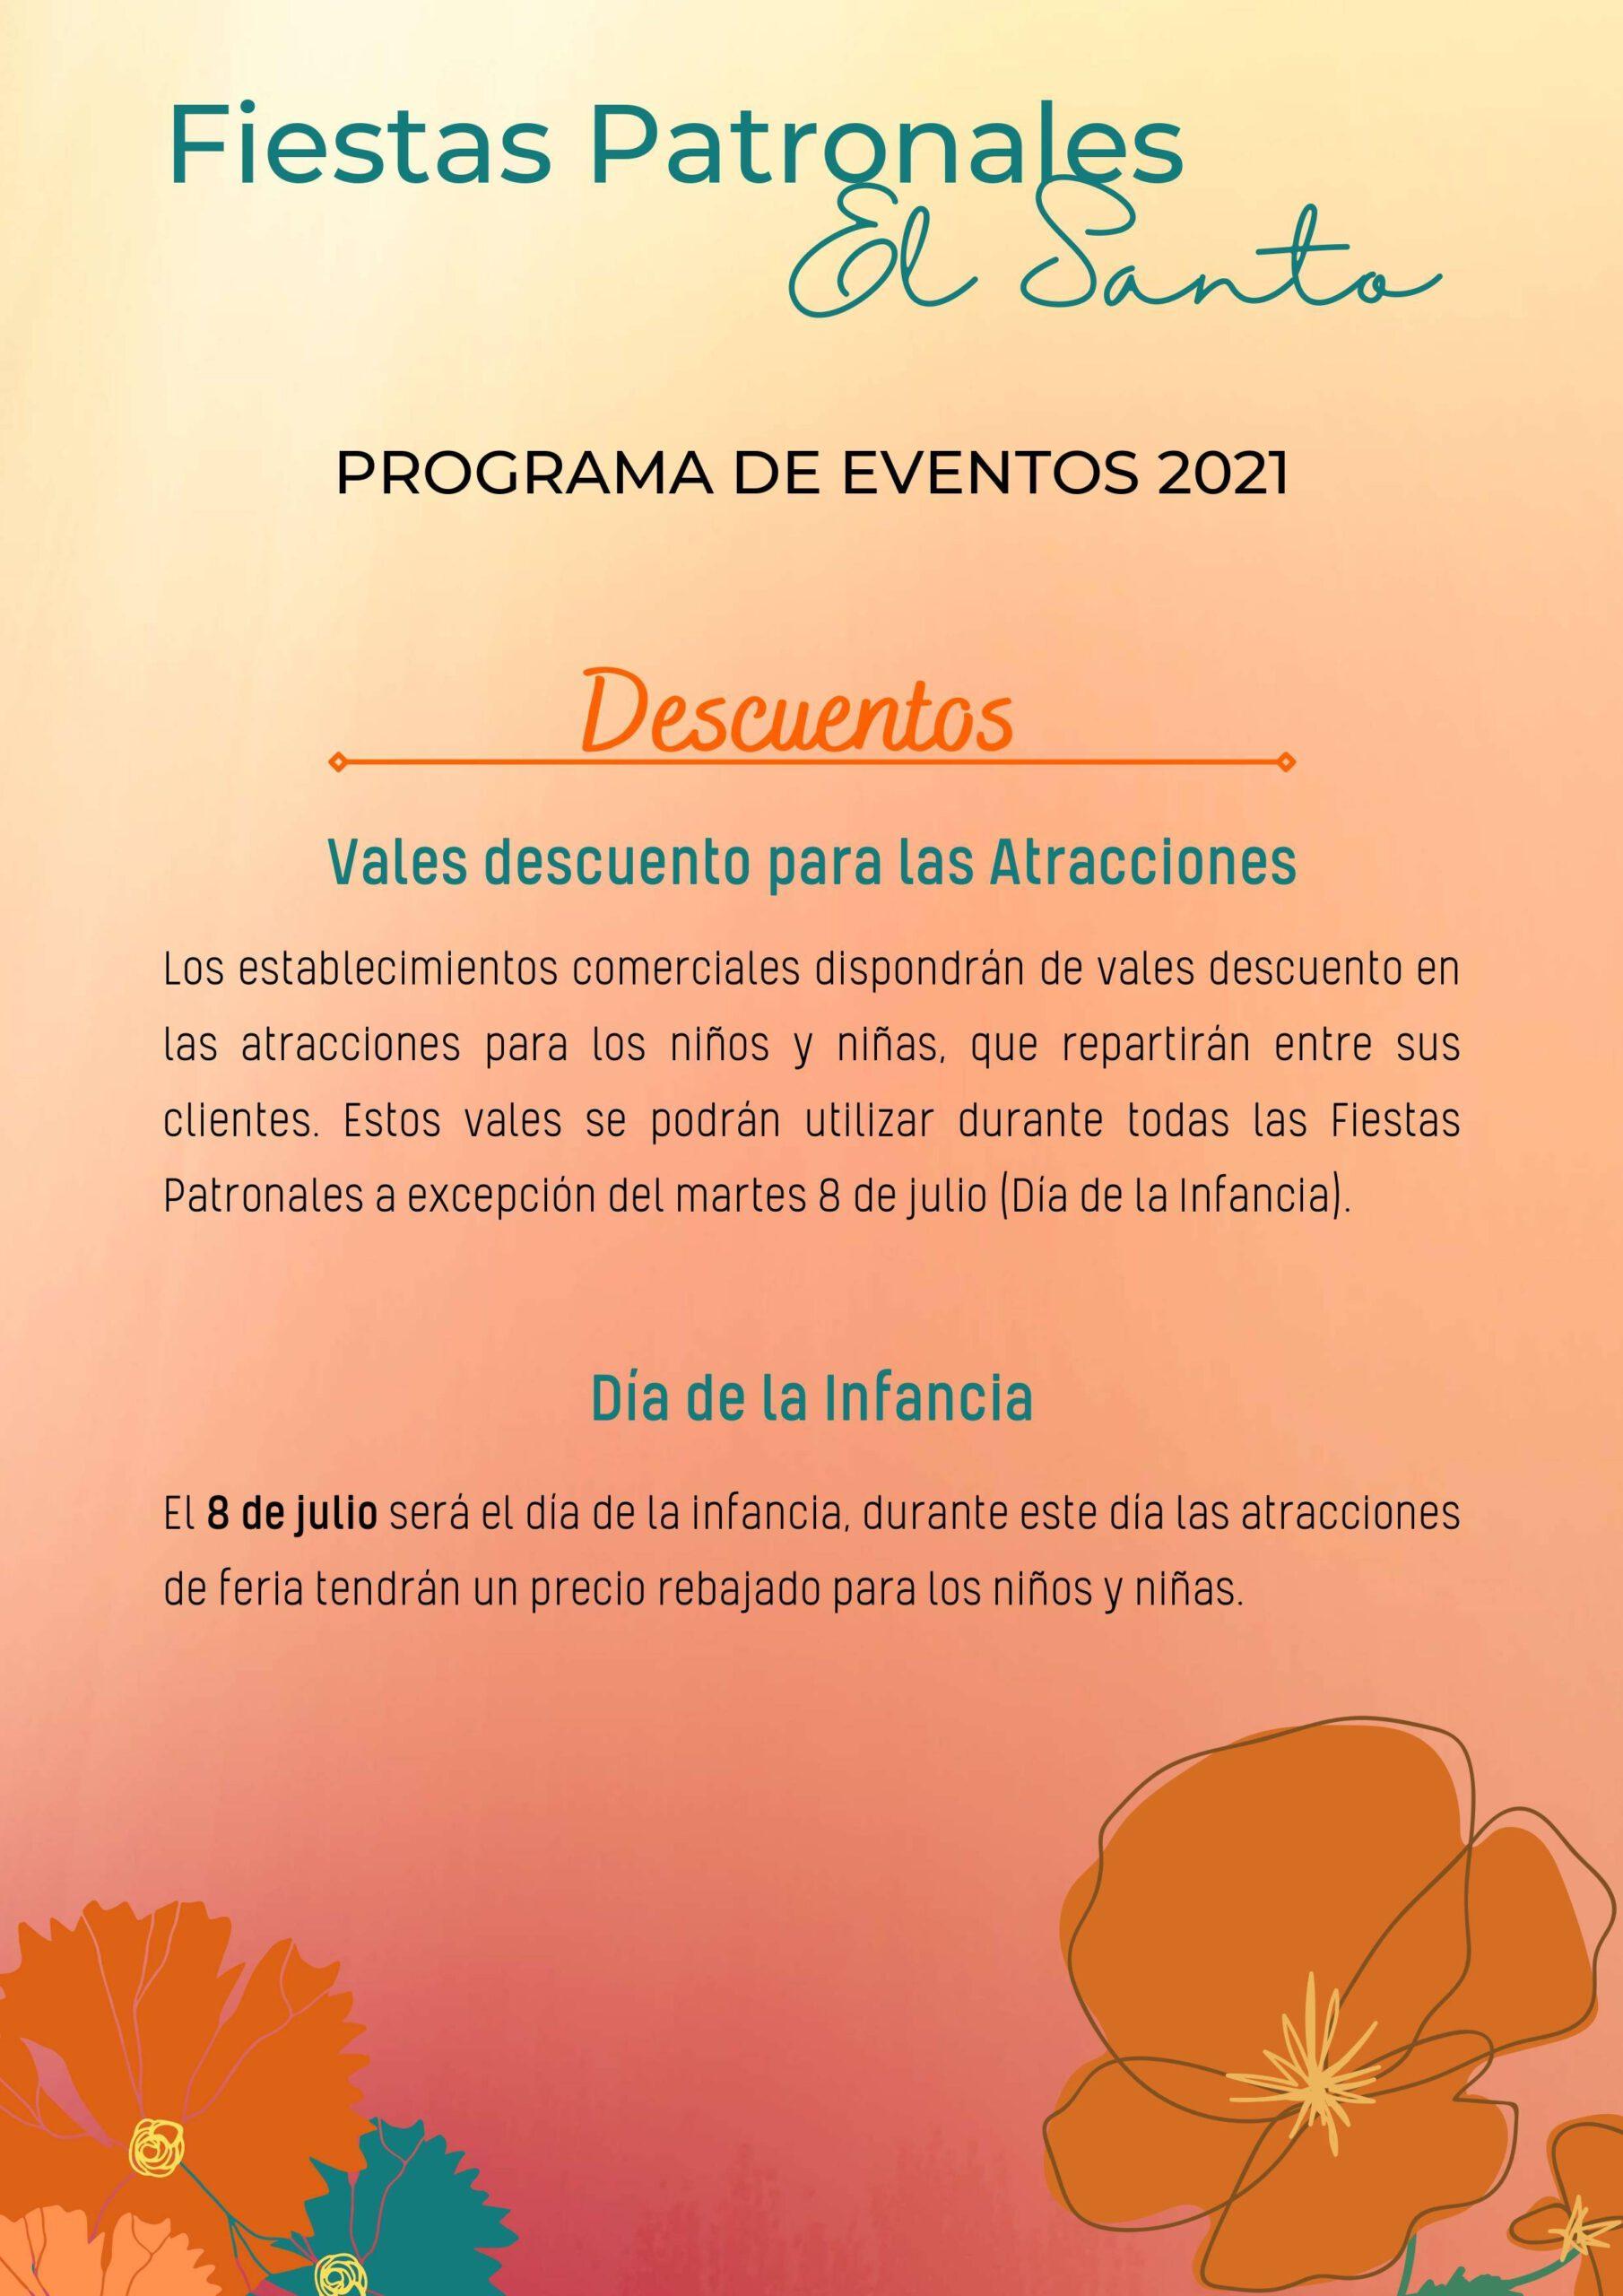 Fiestas patronales de El Santo (2021) - Montilla (Córdoba) 2